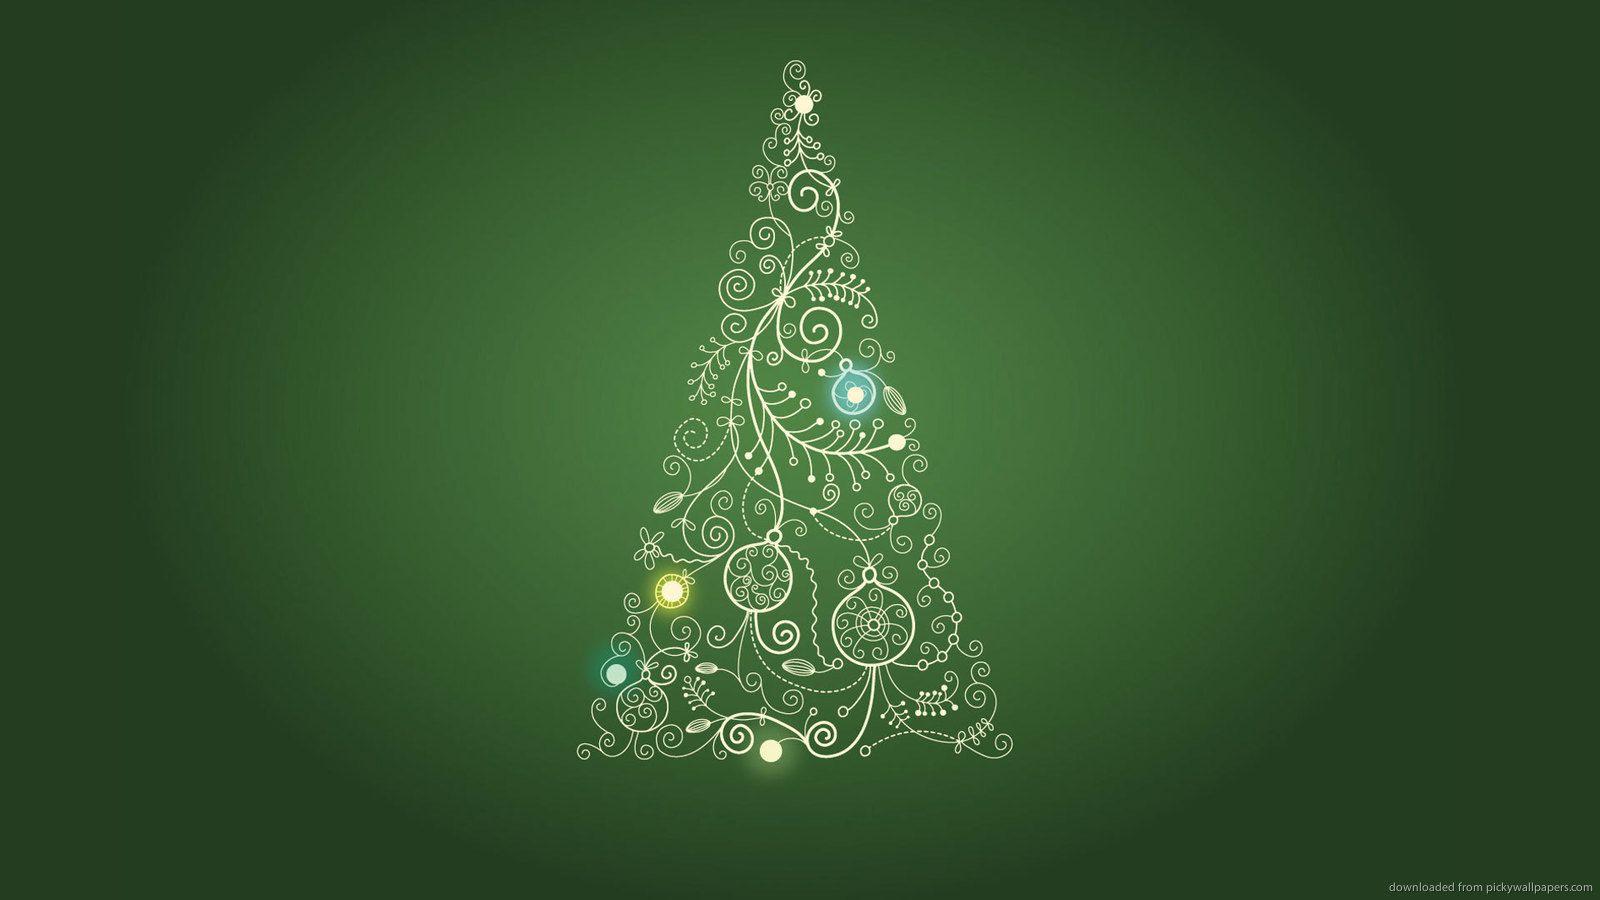 Christmas Tree Art Google Search Christmas Tree Wallpaper Christmas Desktop Christmas Tree Pictures